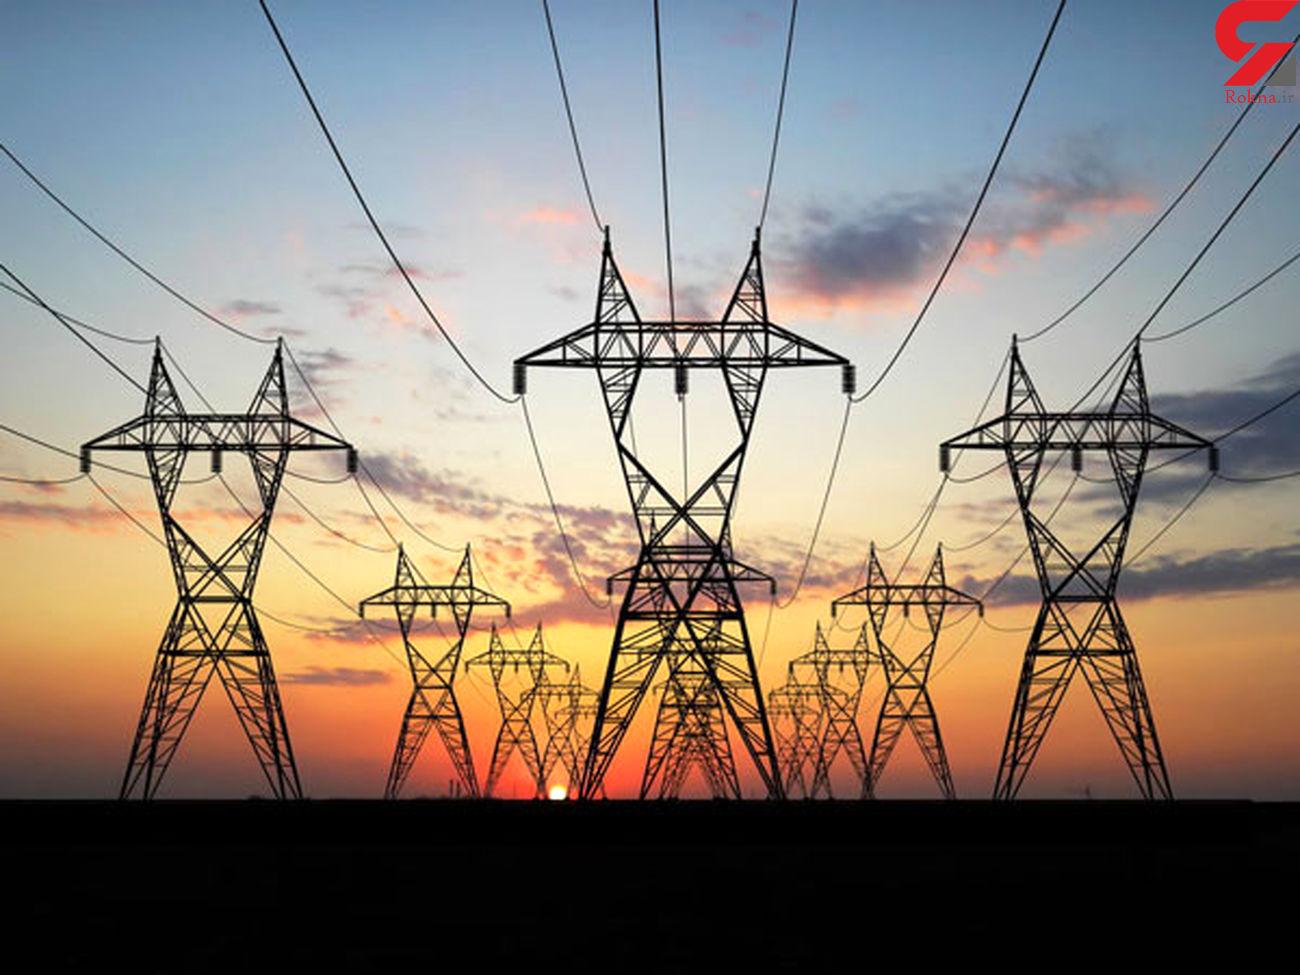 کسی پاسخگوی خسارات وارده به لوازم خانگی ناشی از قطعی برق نیست